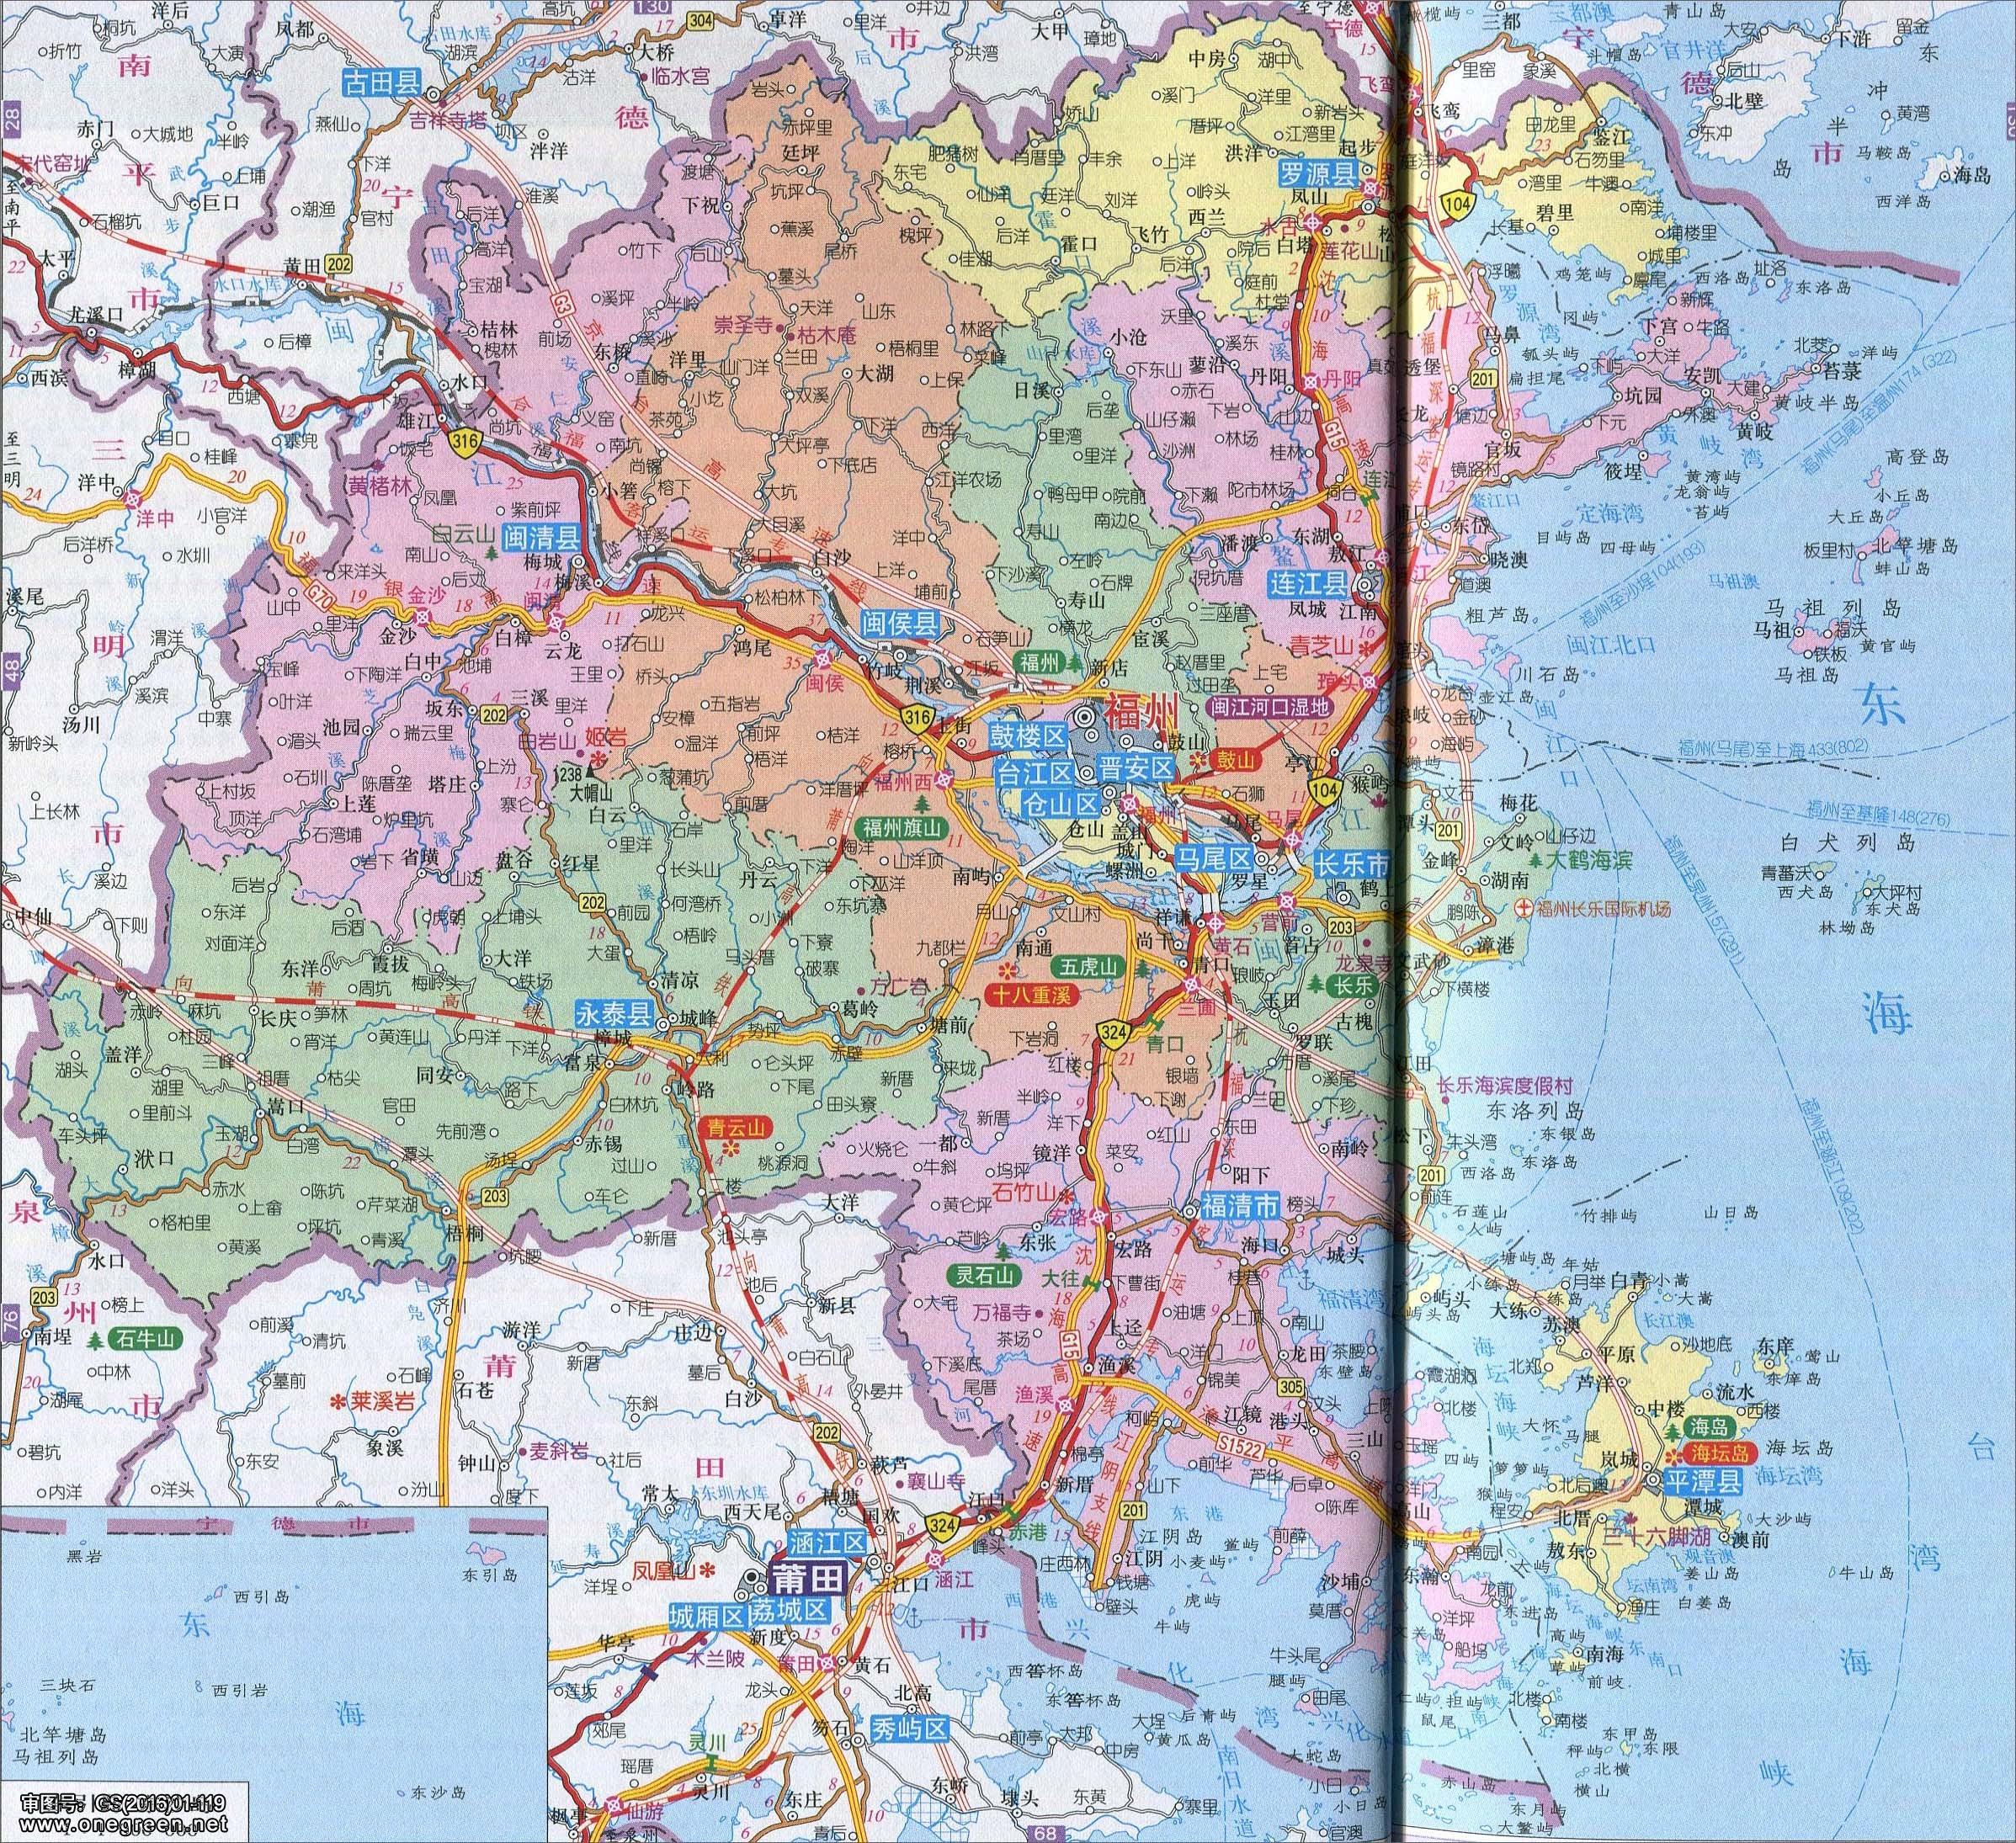 > 福州市区地图    地图查询 分享到: 行政地图 | 旅游地图 | 景点